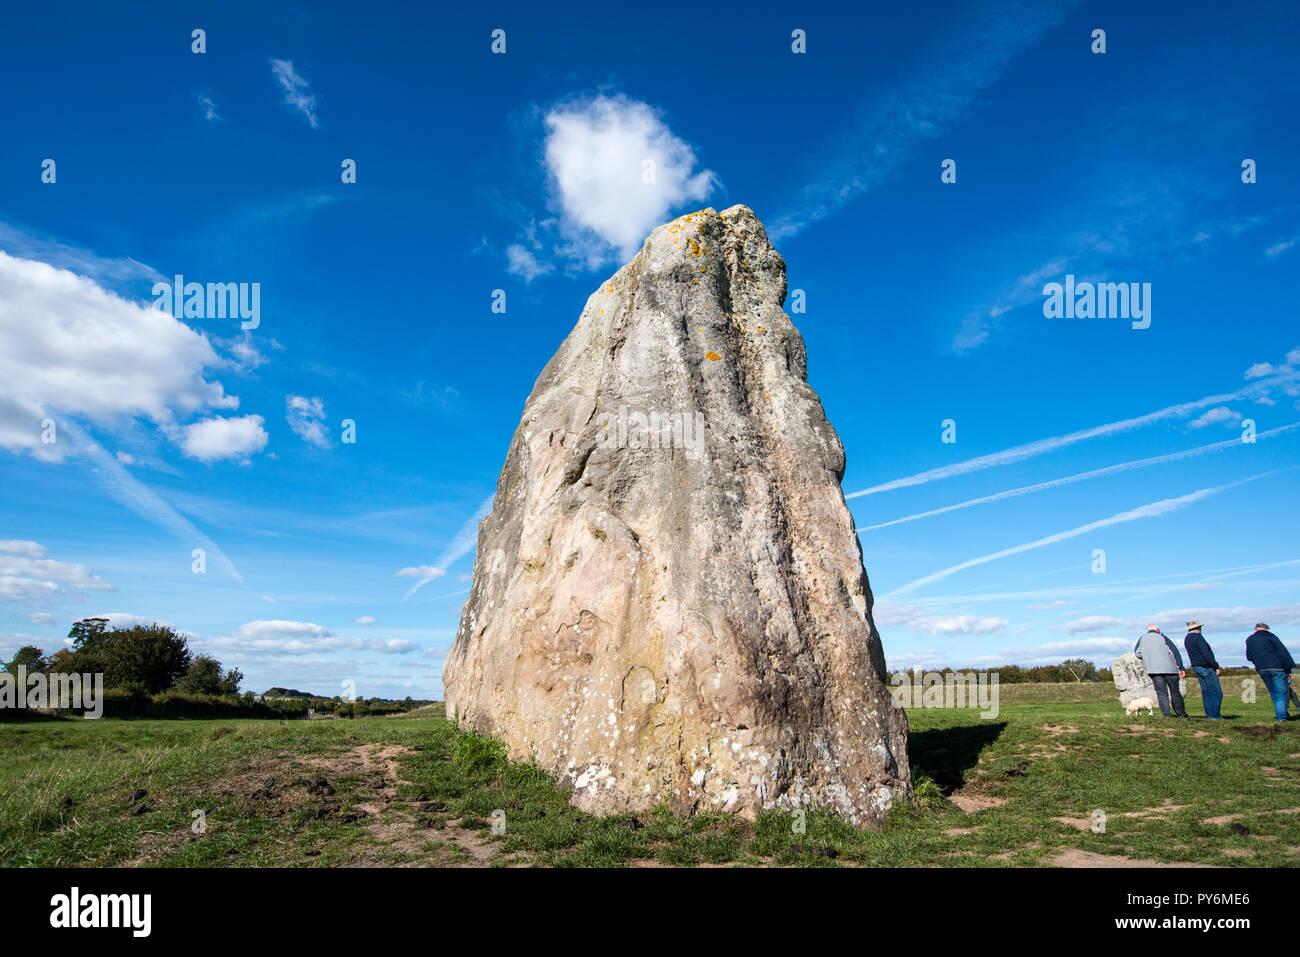 L'une des pierres qui composent le cercles de pierres néolithiques à Avebury dans le Wiltshire, England, UK Banque D'Images